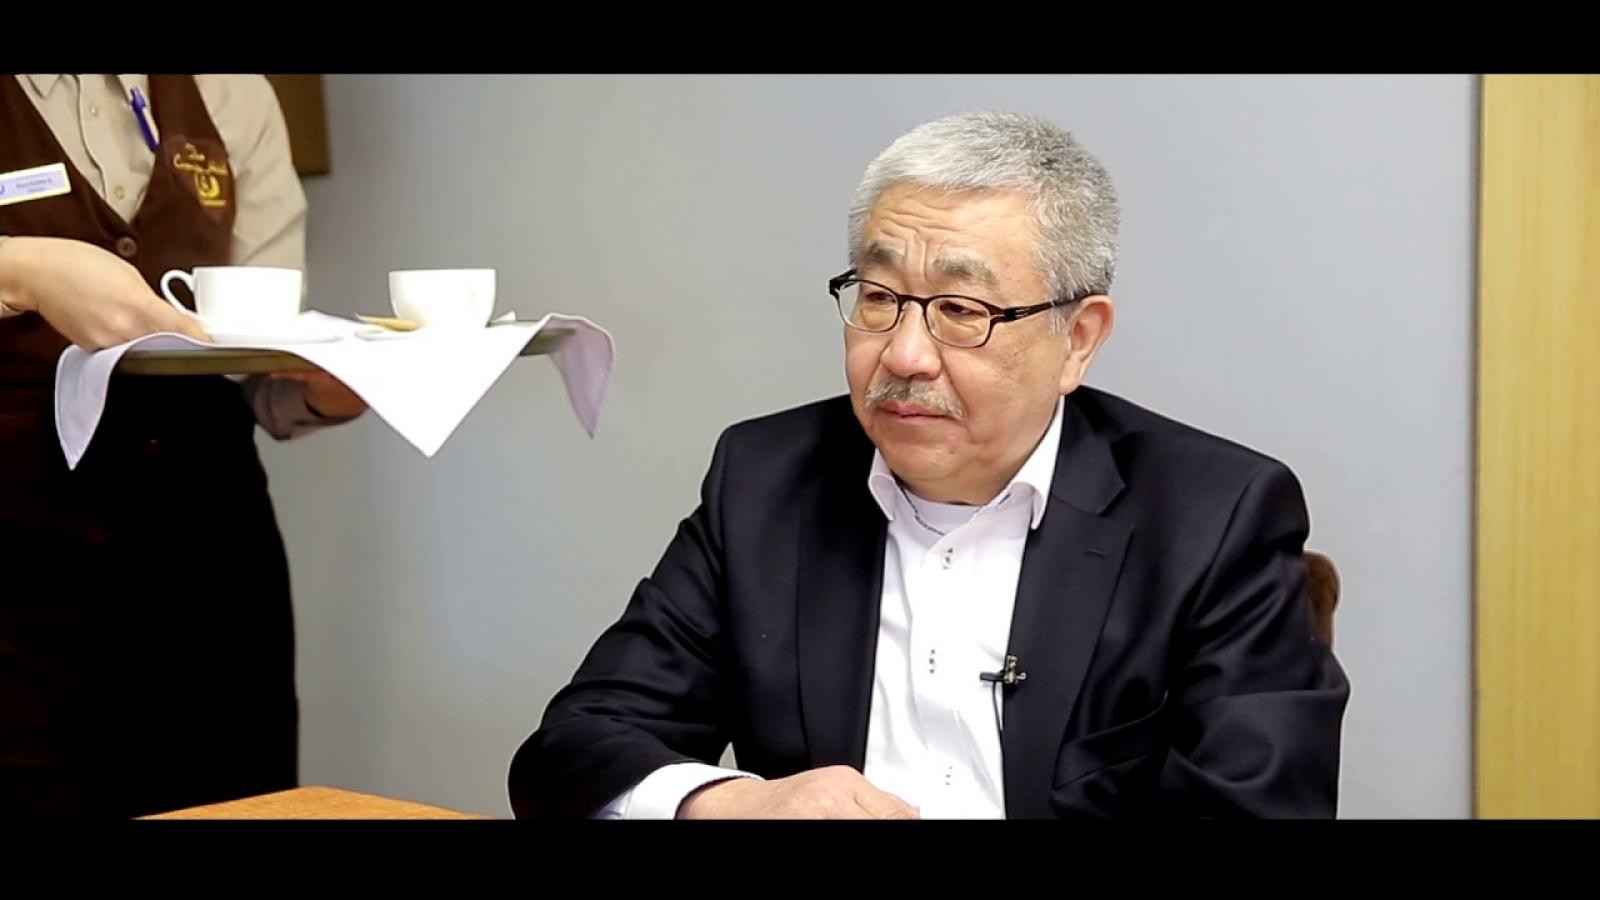 Л.Хангай: Монголоор дамжуулан хийн хоолой барих ажил өнөө маргаашгүй эхэлчихнэ гэж бодож болохгүй